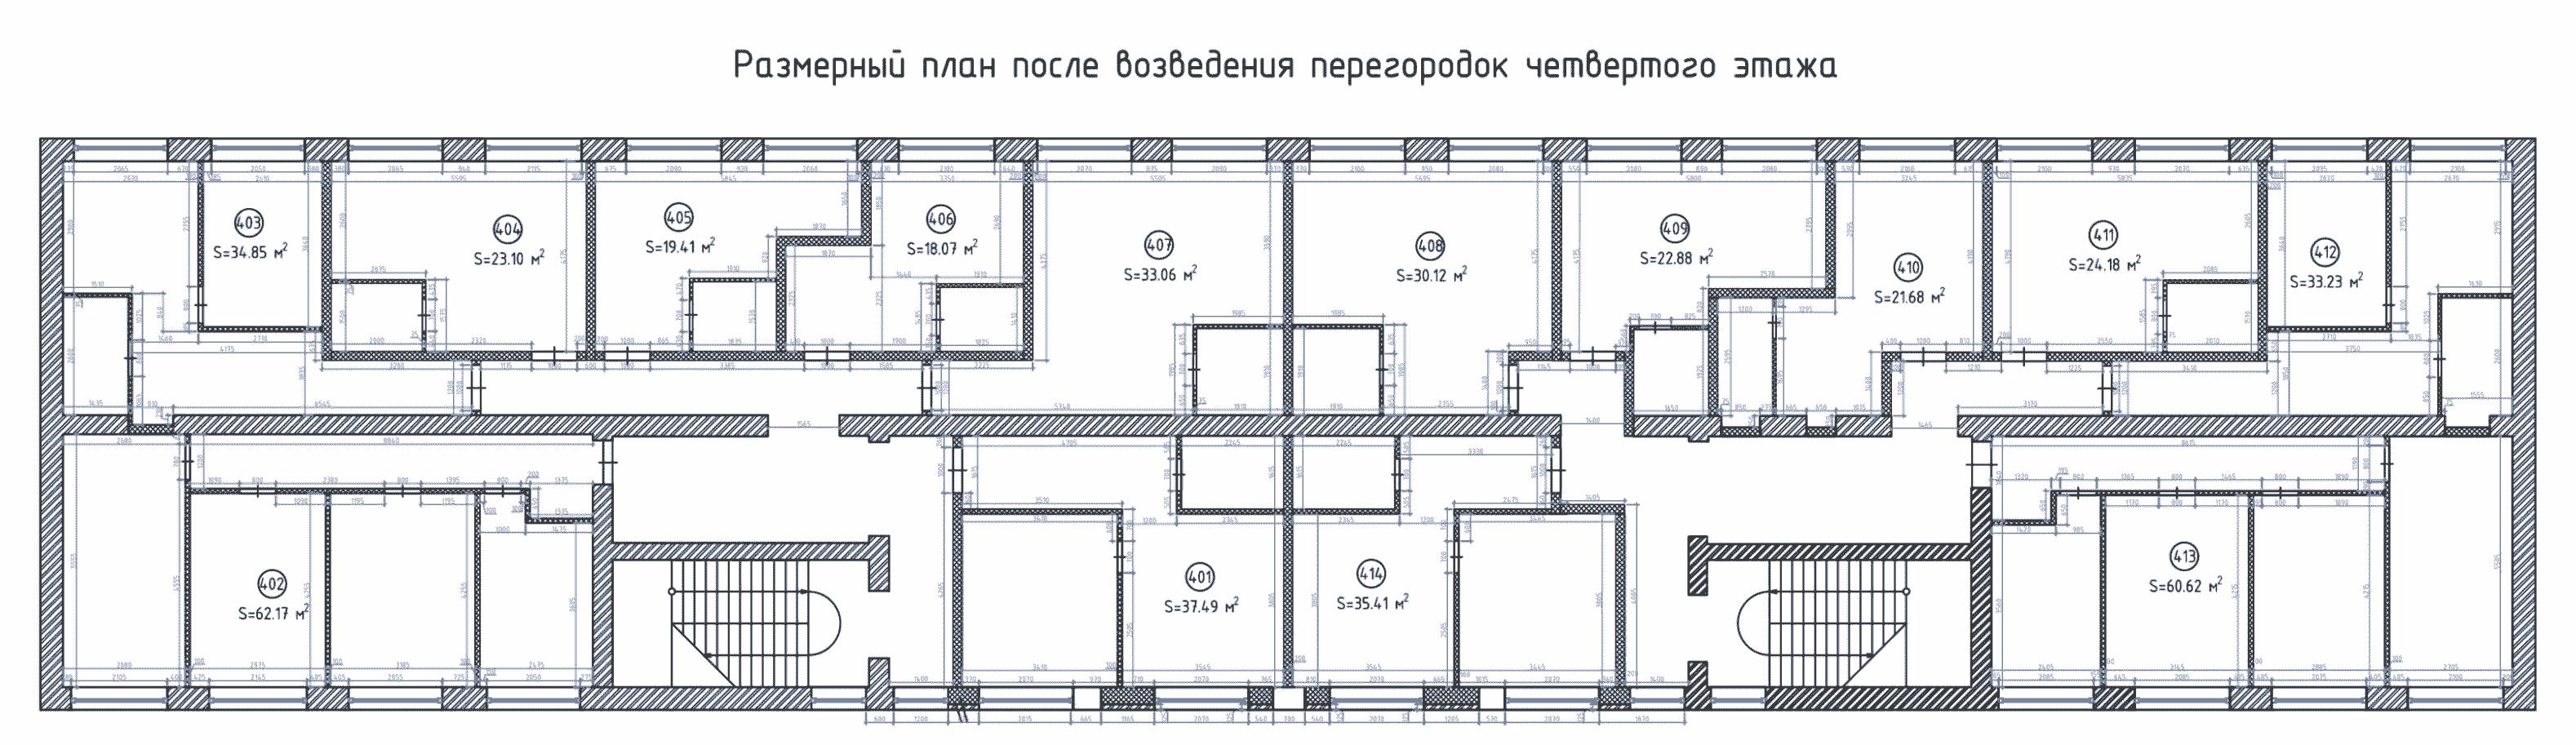 4-й этаж